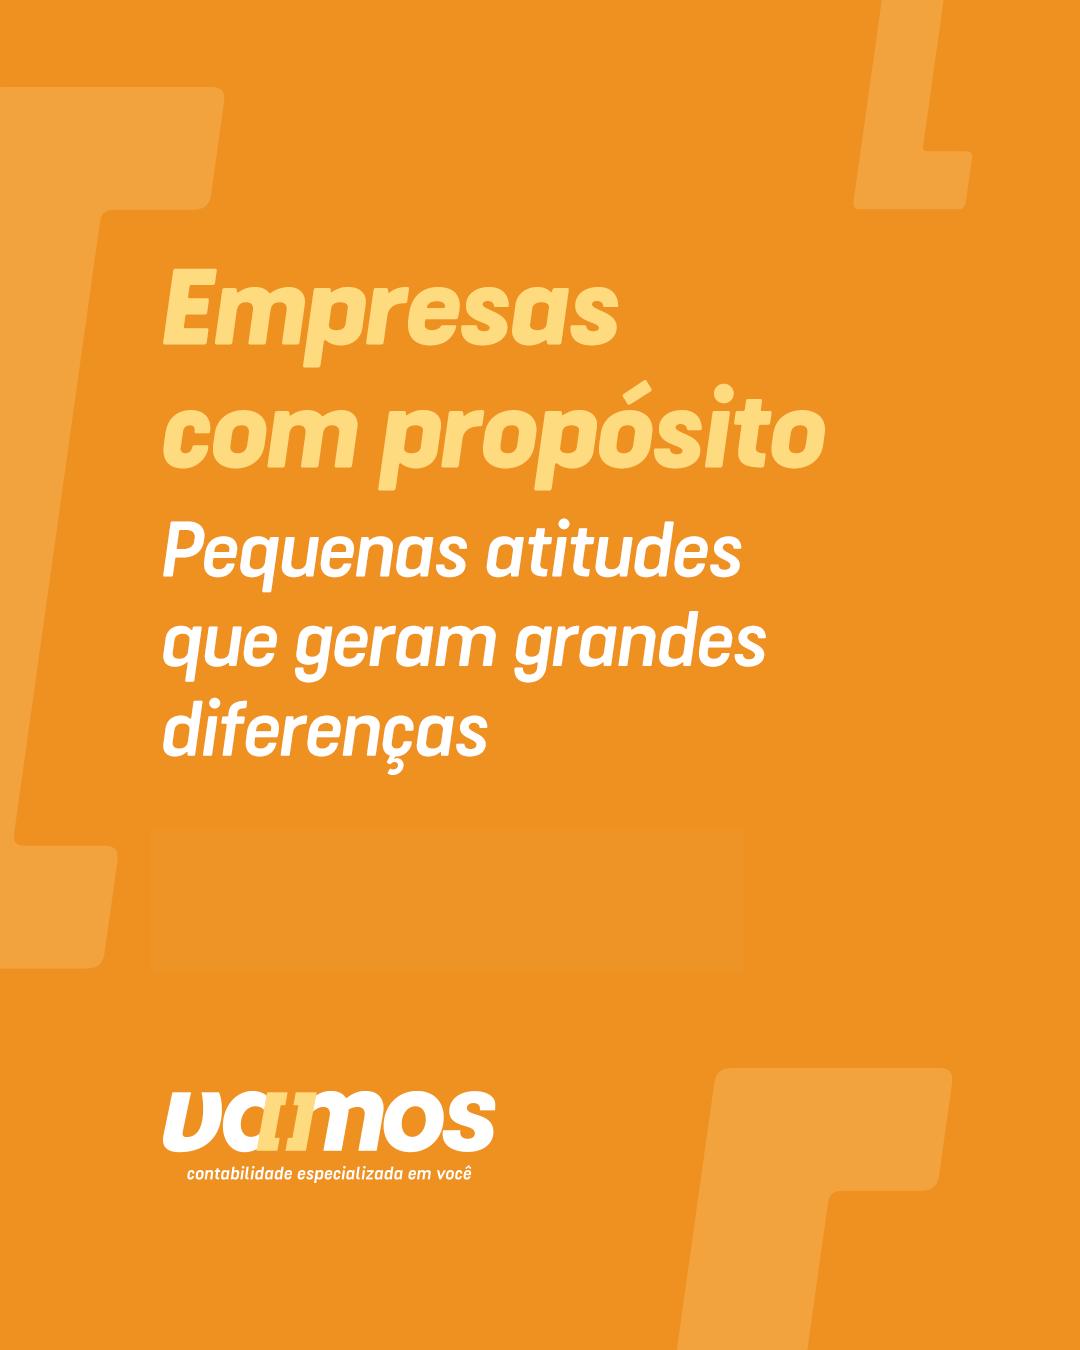 As empresas com propósito vem ganhando destaque com pequenas atitudes no mercado.